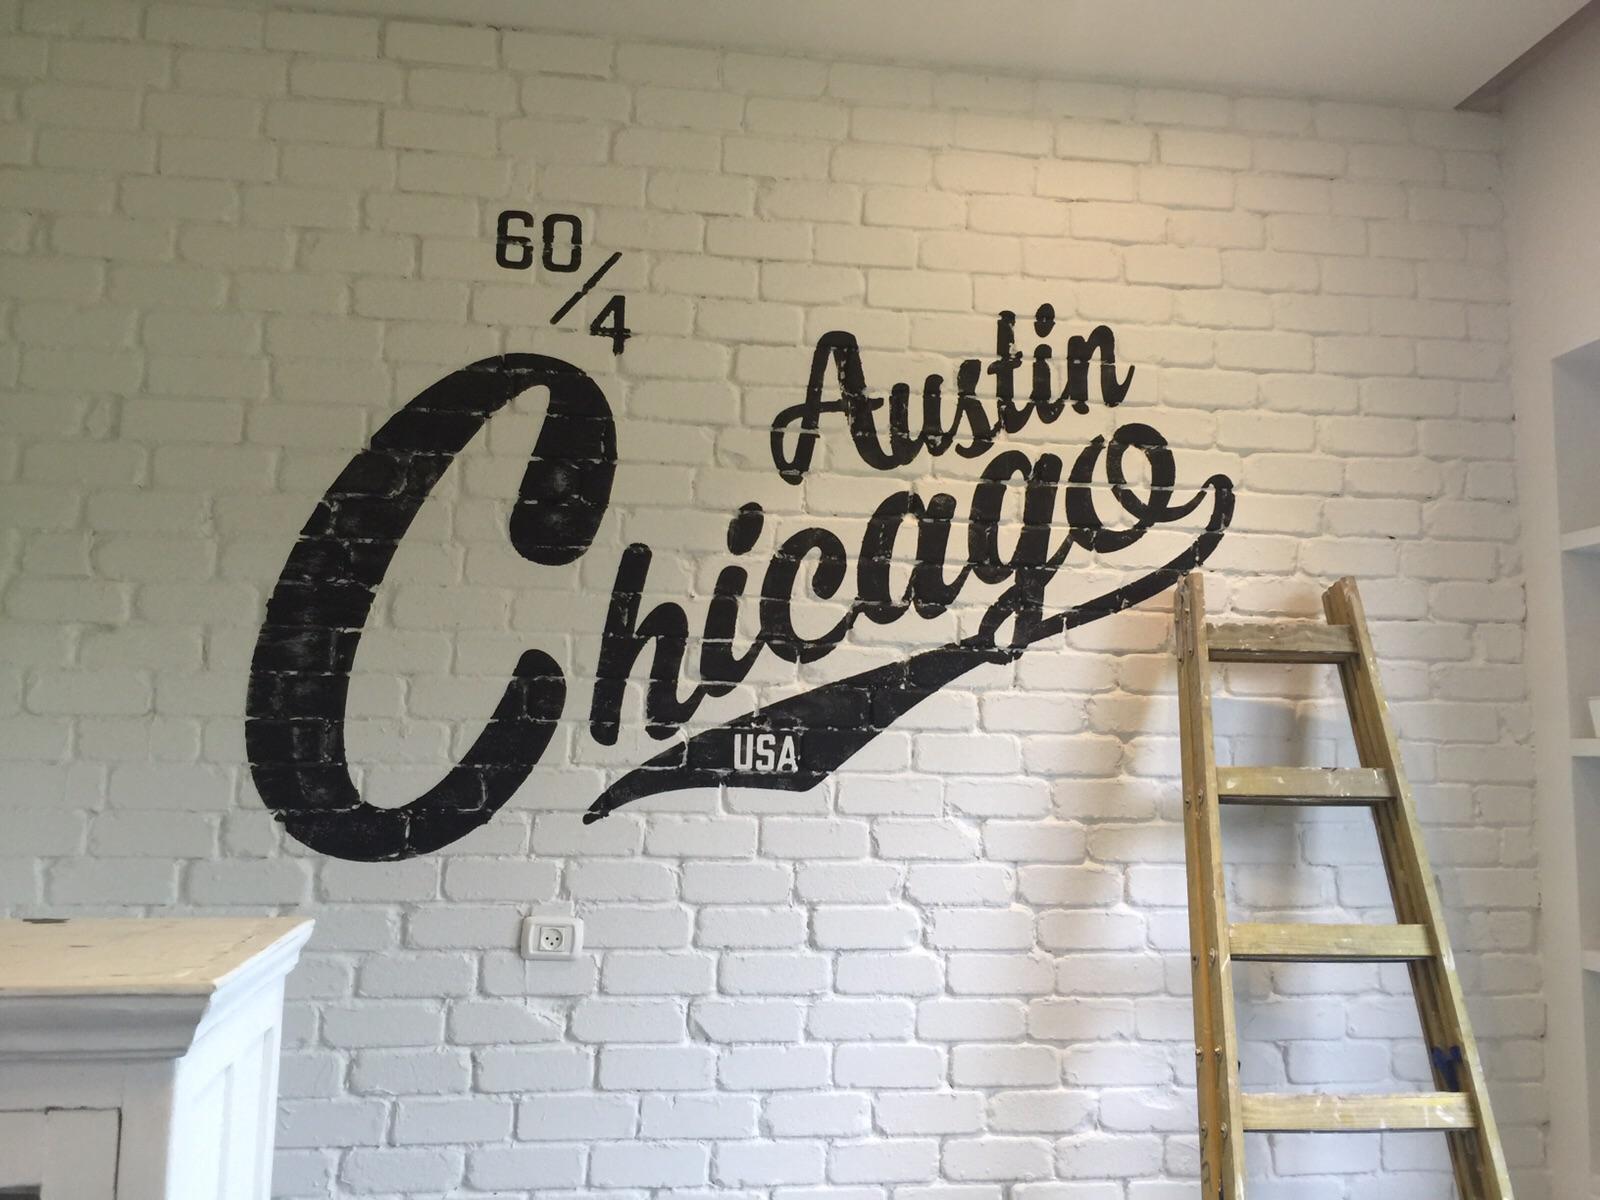 graffiti austin chicago usa